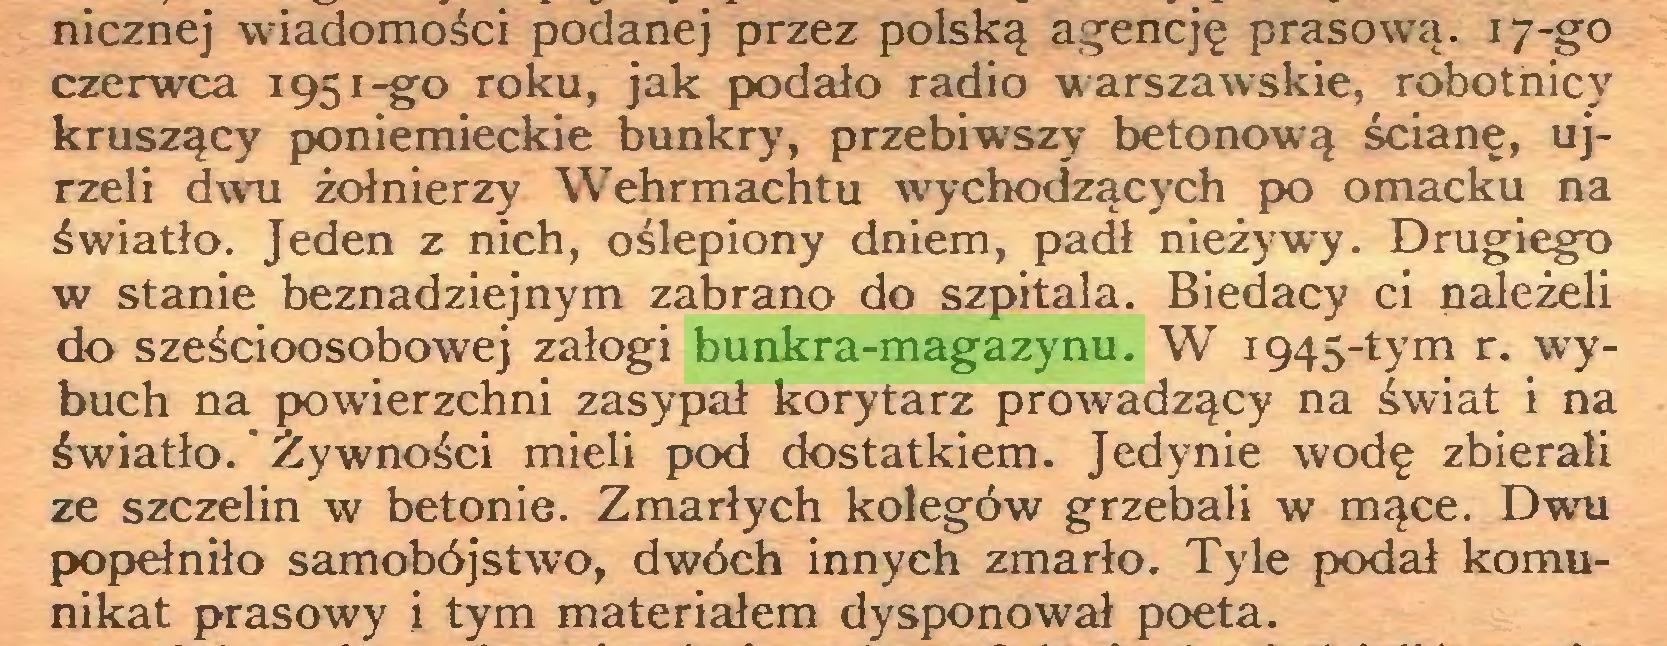 (...) nicznej wiadomości podanej przez polską agencję prasową. 17-go czerwca 1951-go roku, jak podało radio warszawskie, robotnic)' kruszący poniemieckie bunkry, przebiwszy betonową ścianę, ujrzeli dwu żołnierzy Wehrmachtu wychodzących po omacku na światło. Jeden z nich, oślepiony dniem, padł nieżywy. Drugiego w stanie beznadziejnym zabrano do szpitala. Biedacy ci należeli do sześcioosobowej załogi bunkra-magazynu. W 1945-tym r. wybuch na powierzchni zasypał korytarz prowadzący na świat i na światło.' Żywności mieli pod dostatkiem. Jedynie wodę zbierali ze szczelin w betonie. Zmarłych kolegów grzebali w mące. Dwu popełniło samobójstwo, dwóch innych zmarło. Tyle podał komunikat prasowy i tym materiałem dysponował poeta...